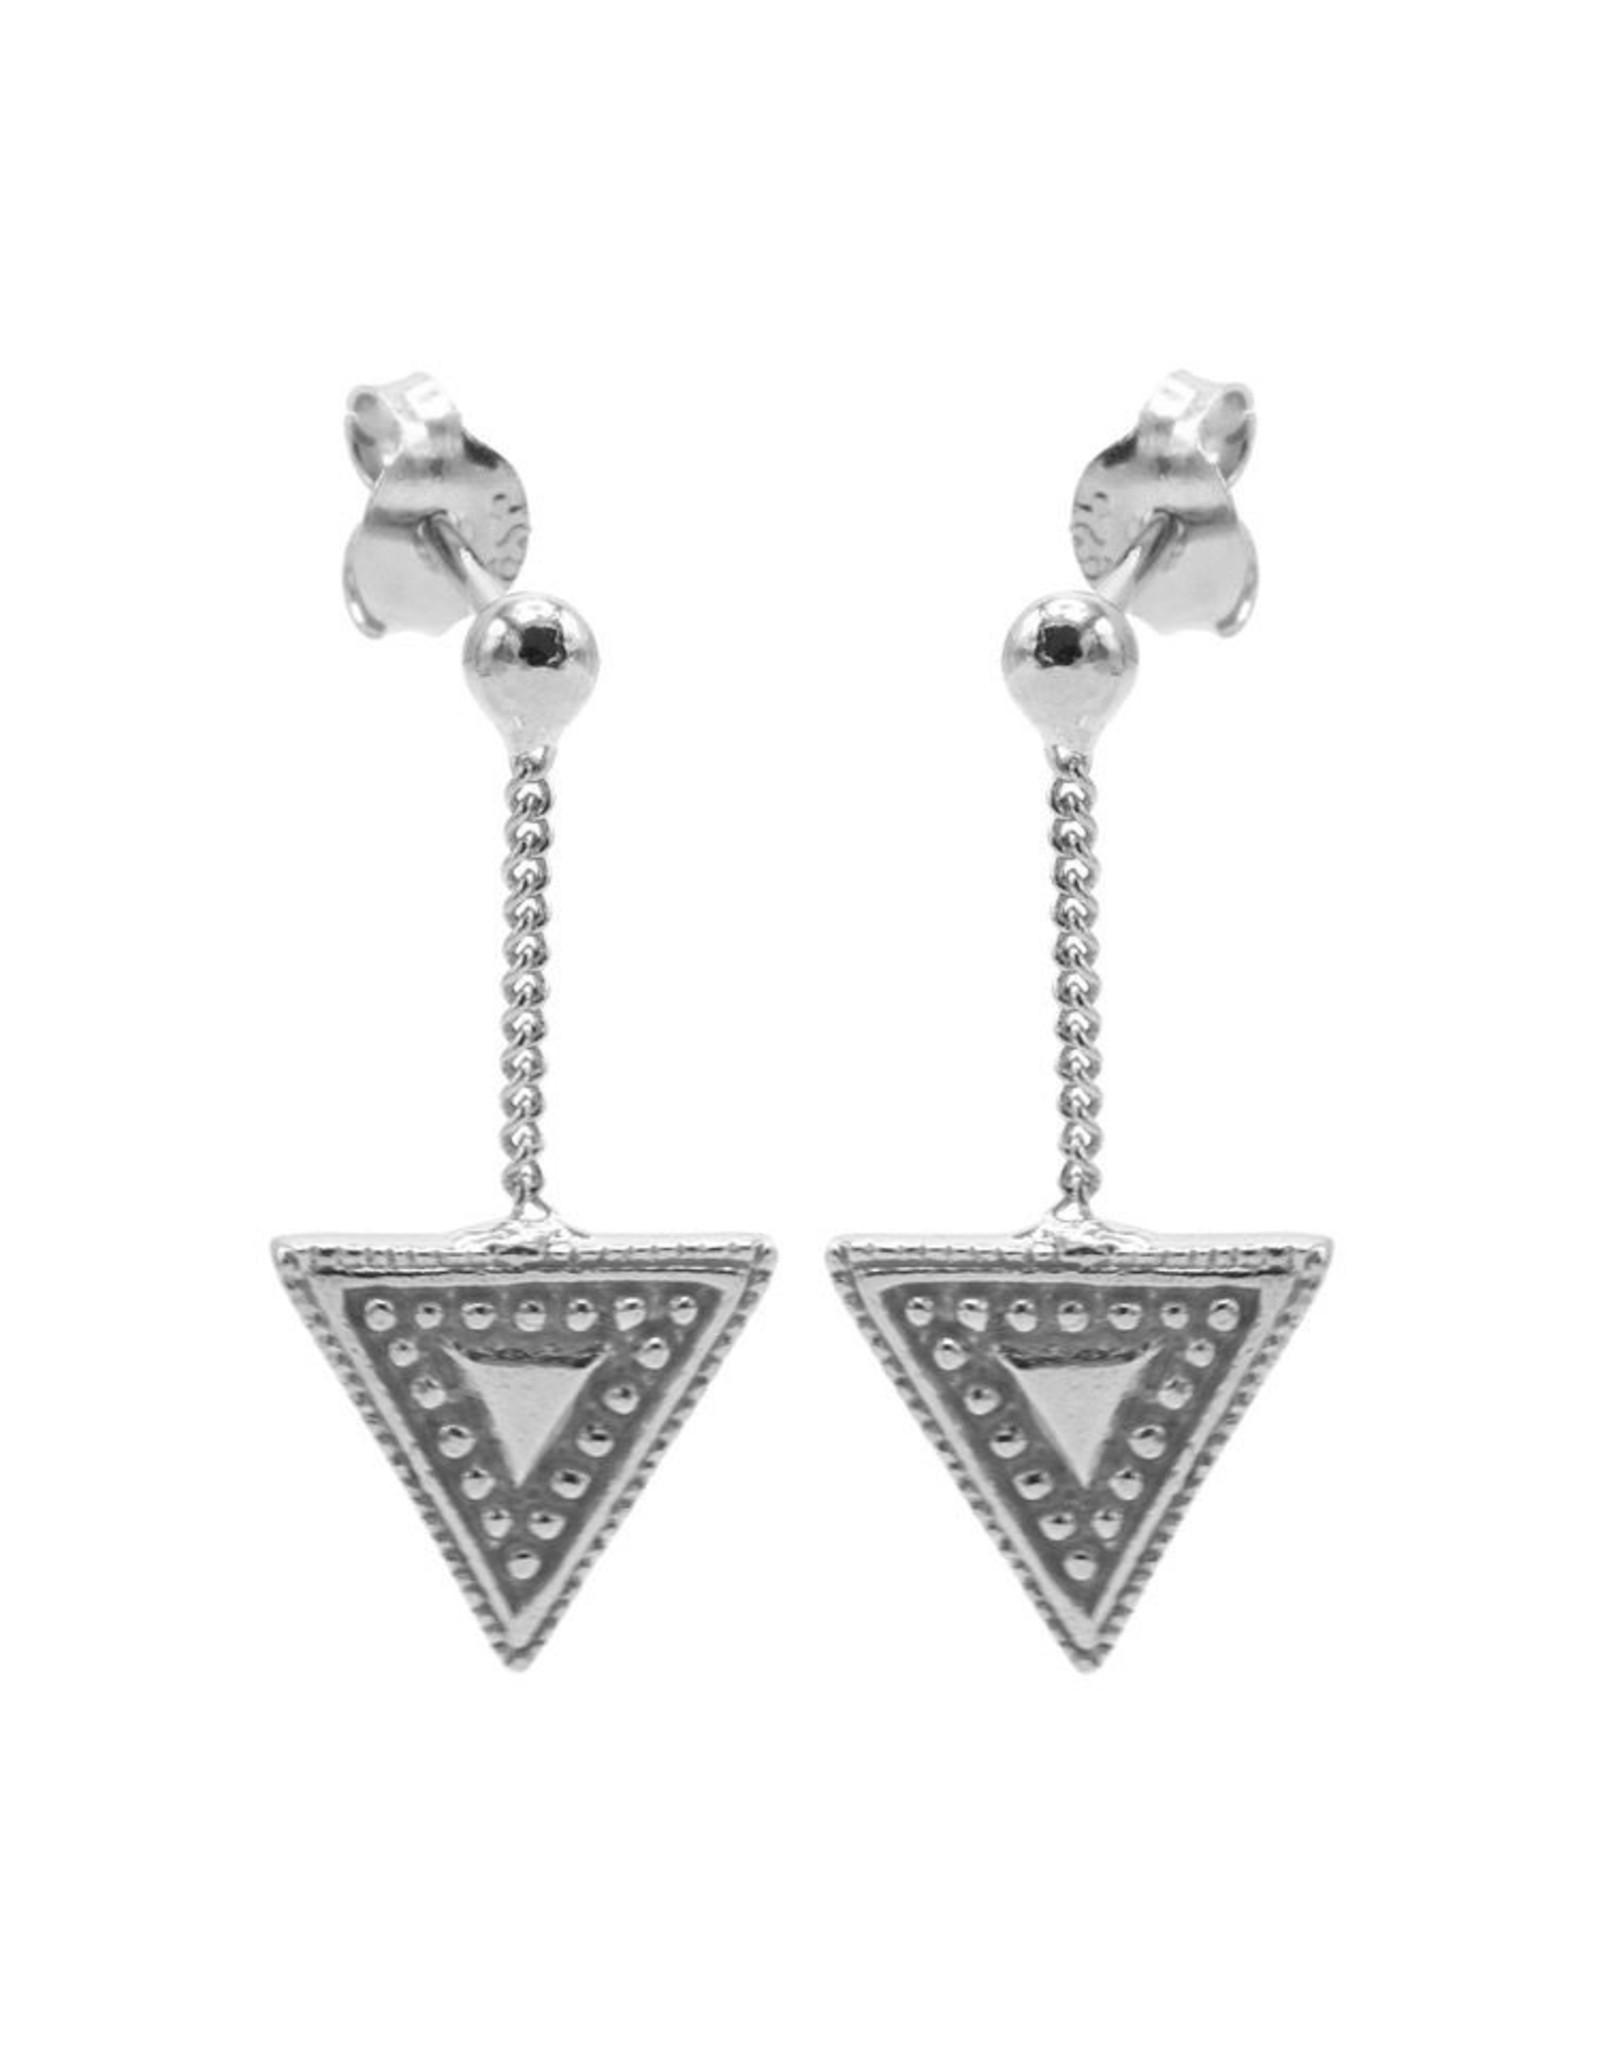 Karma Chainstuds Dots Line Triangle Silver Set